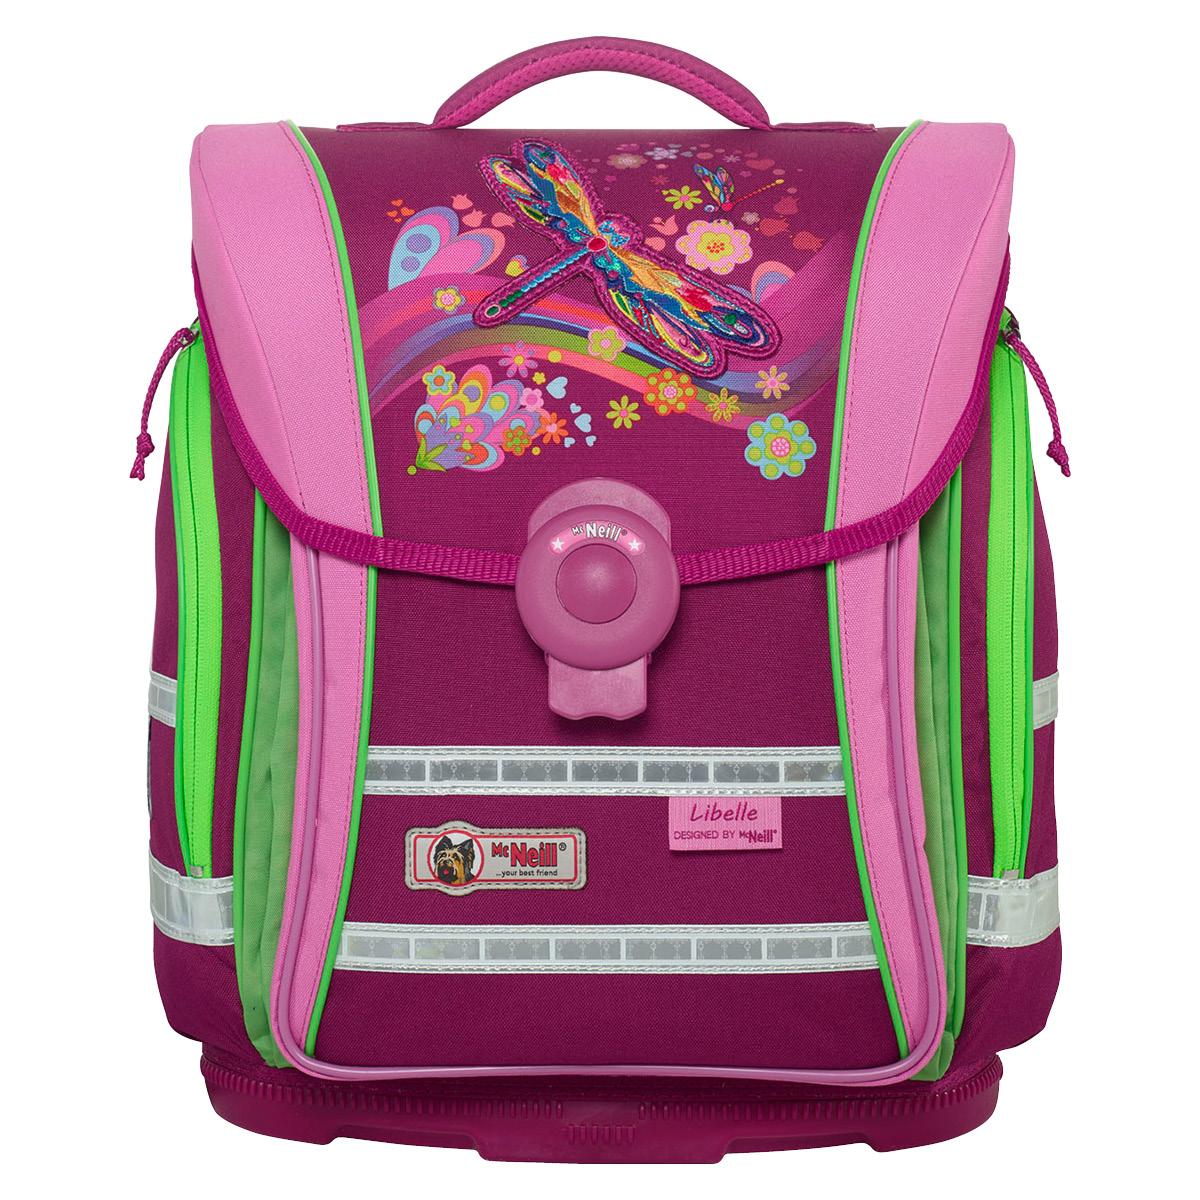 McNeill-Schulranzen-ERGO-Light-COMPACT-flex-9604185000-pink-rosa-libellen